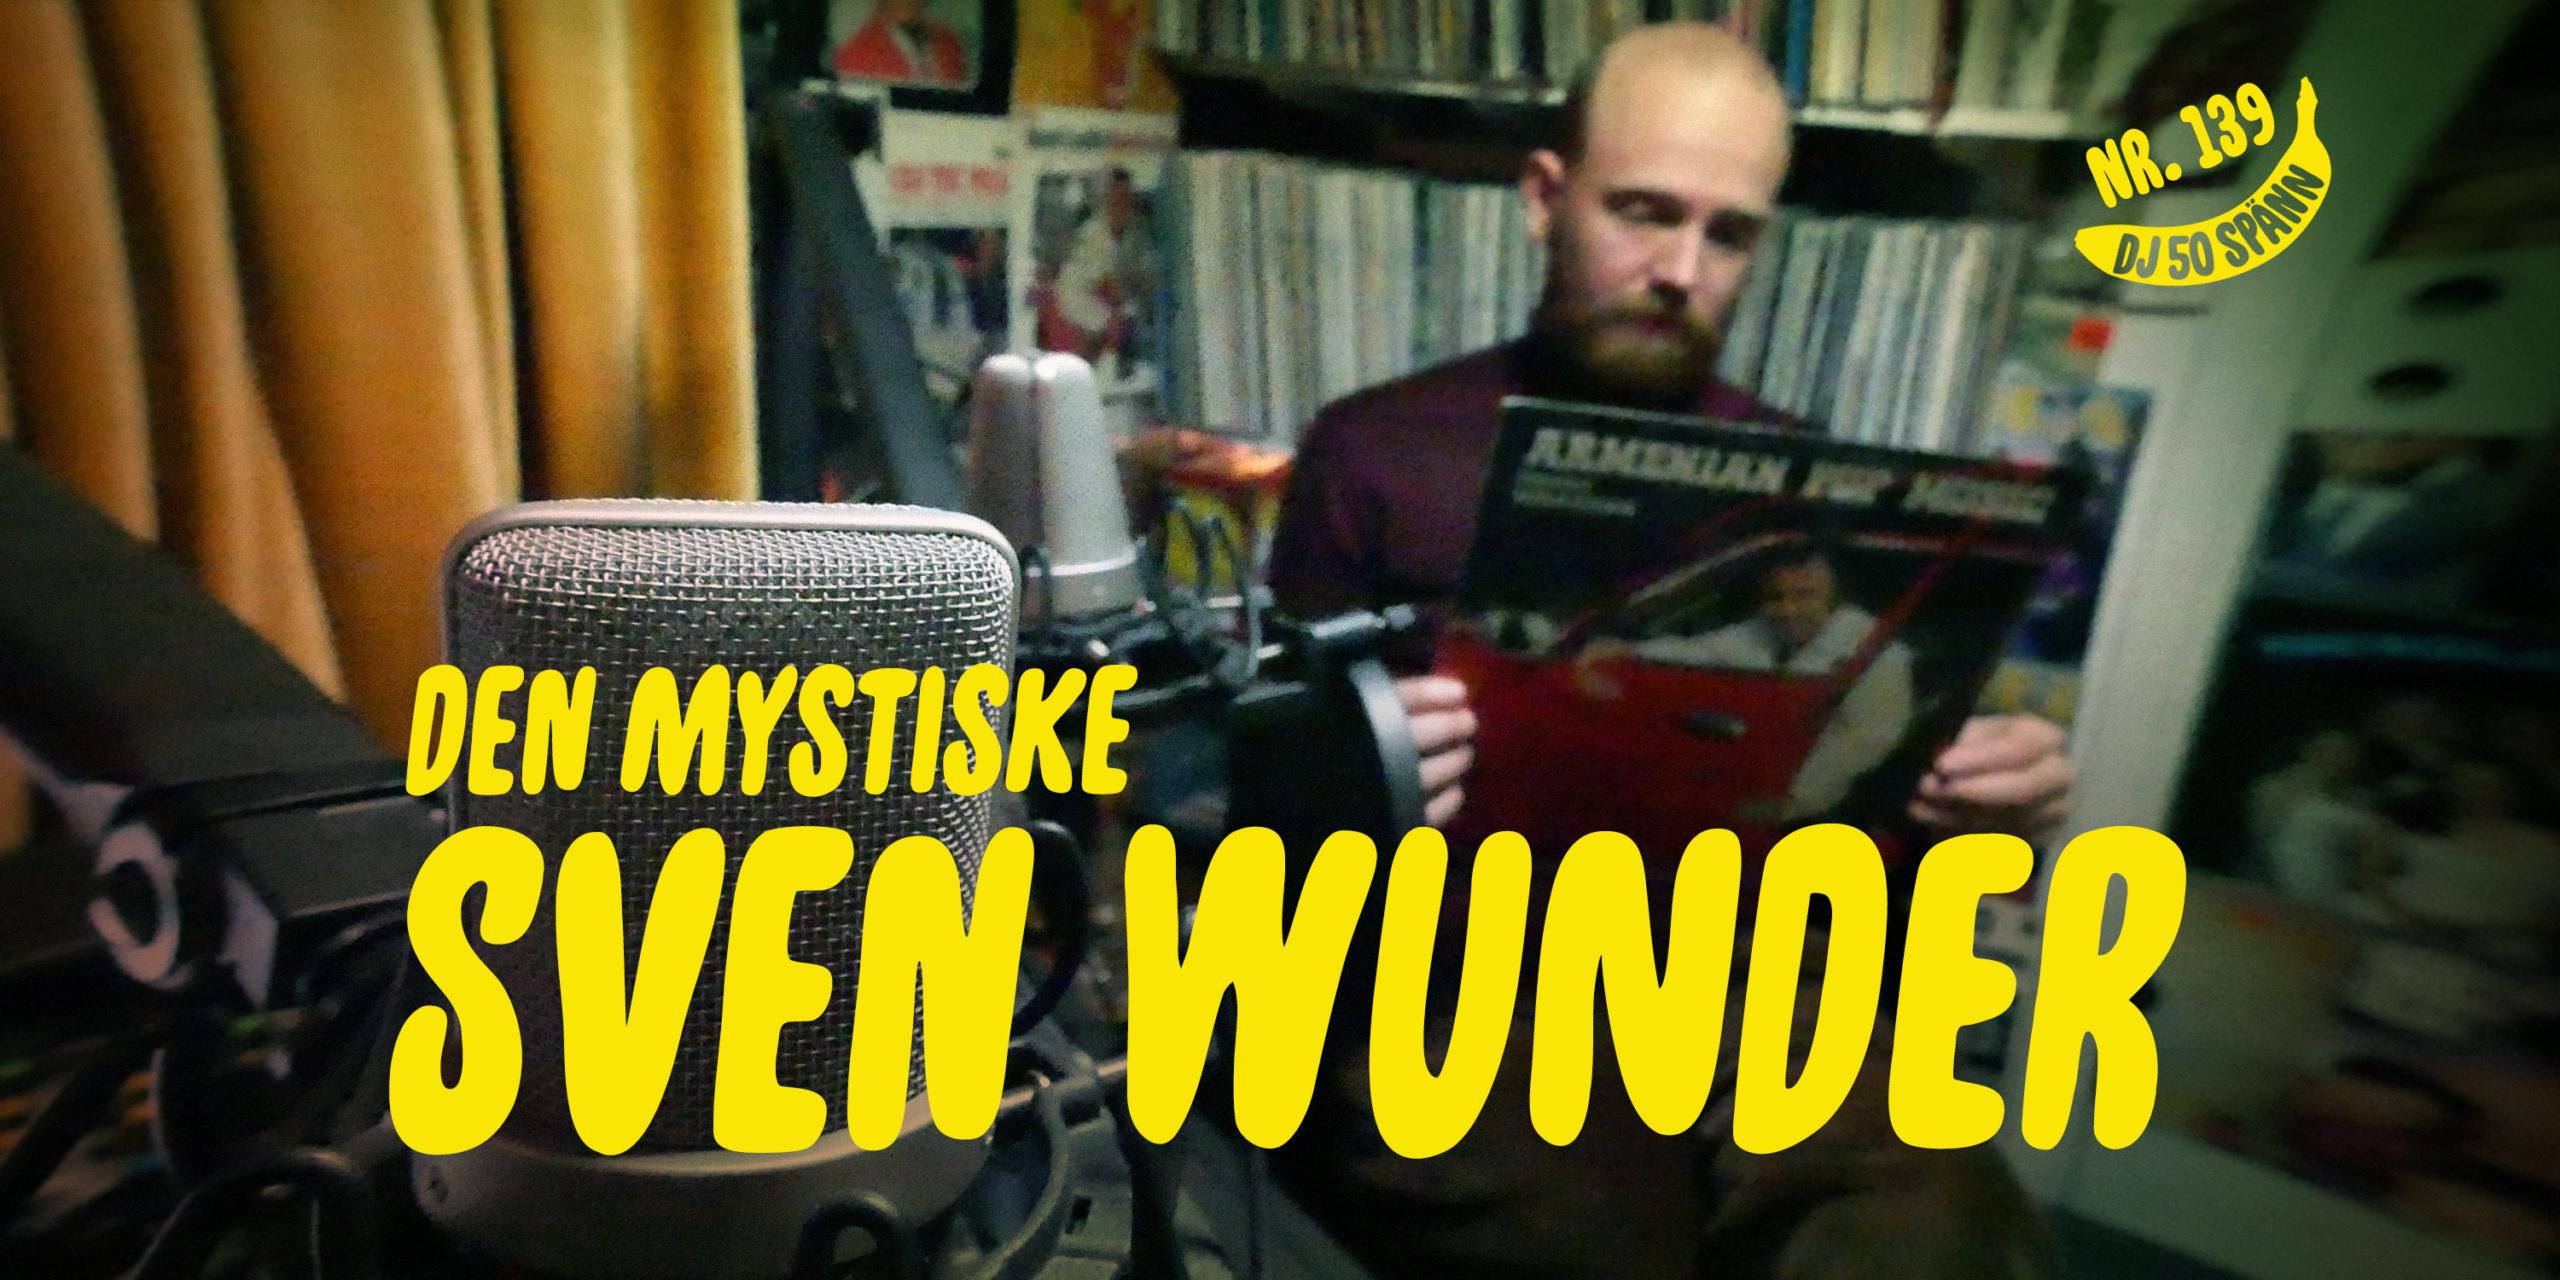 DJ50:- nr 139 med Sven Wunder.